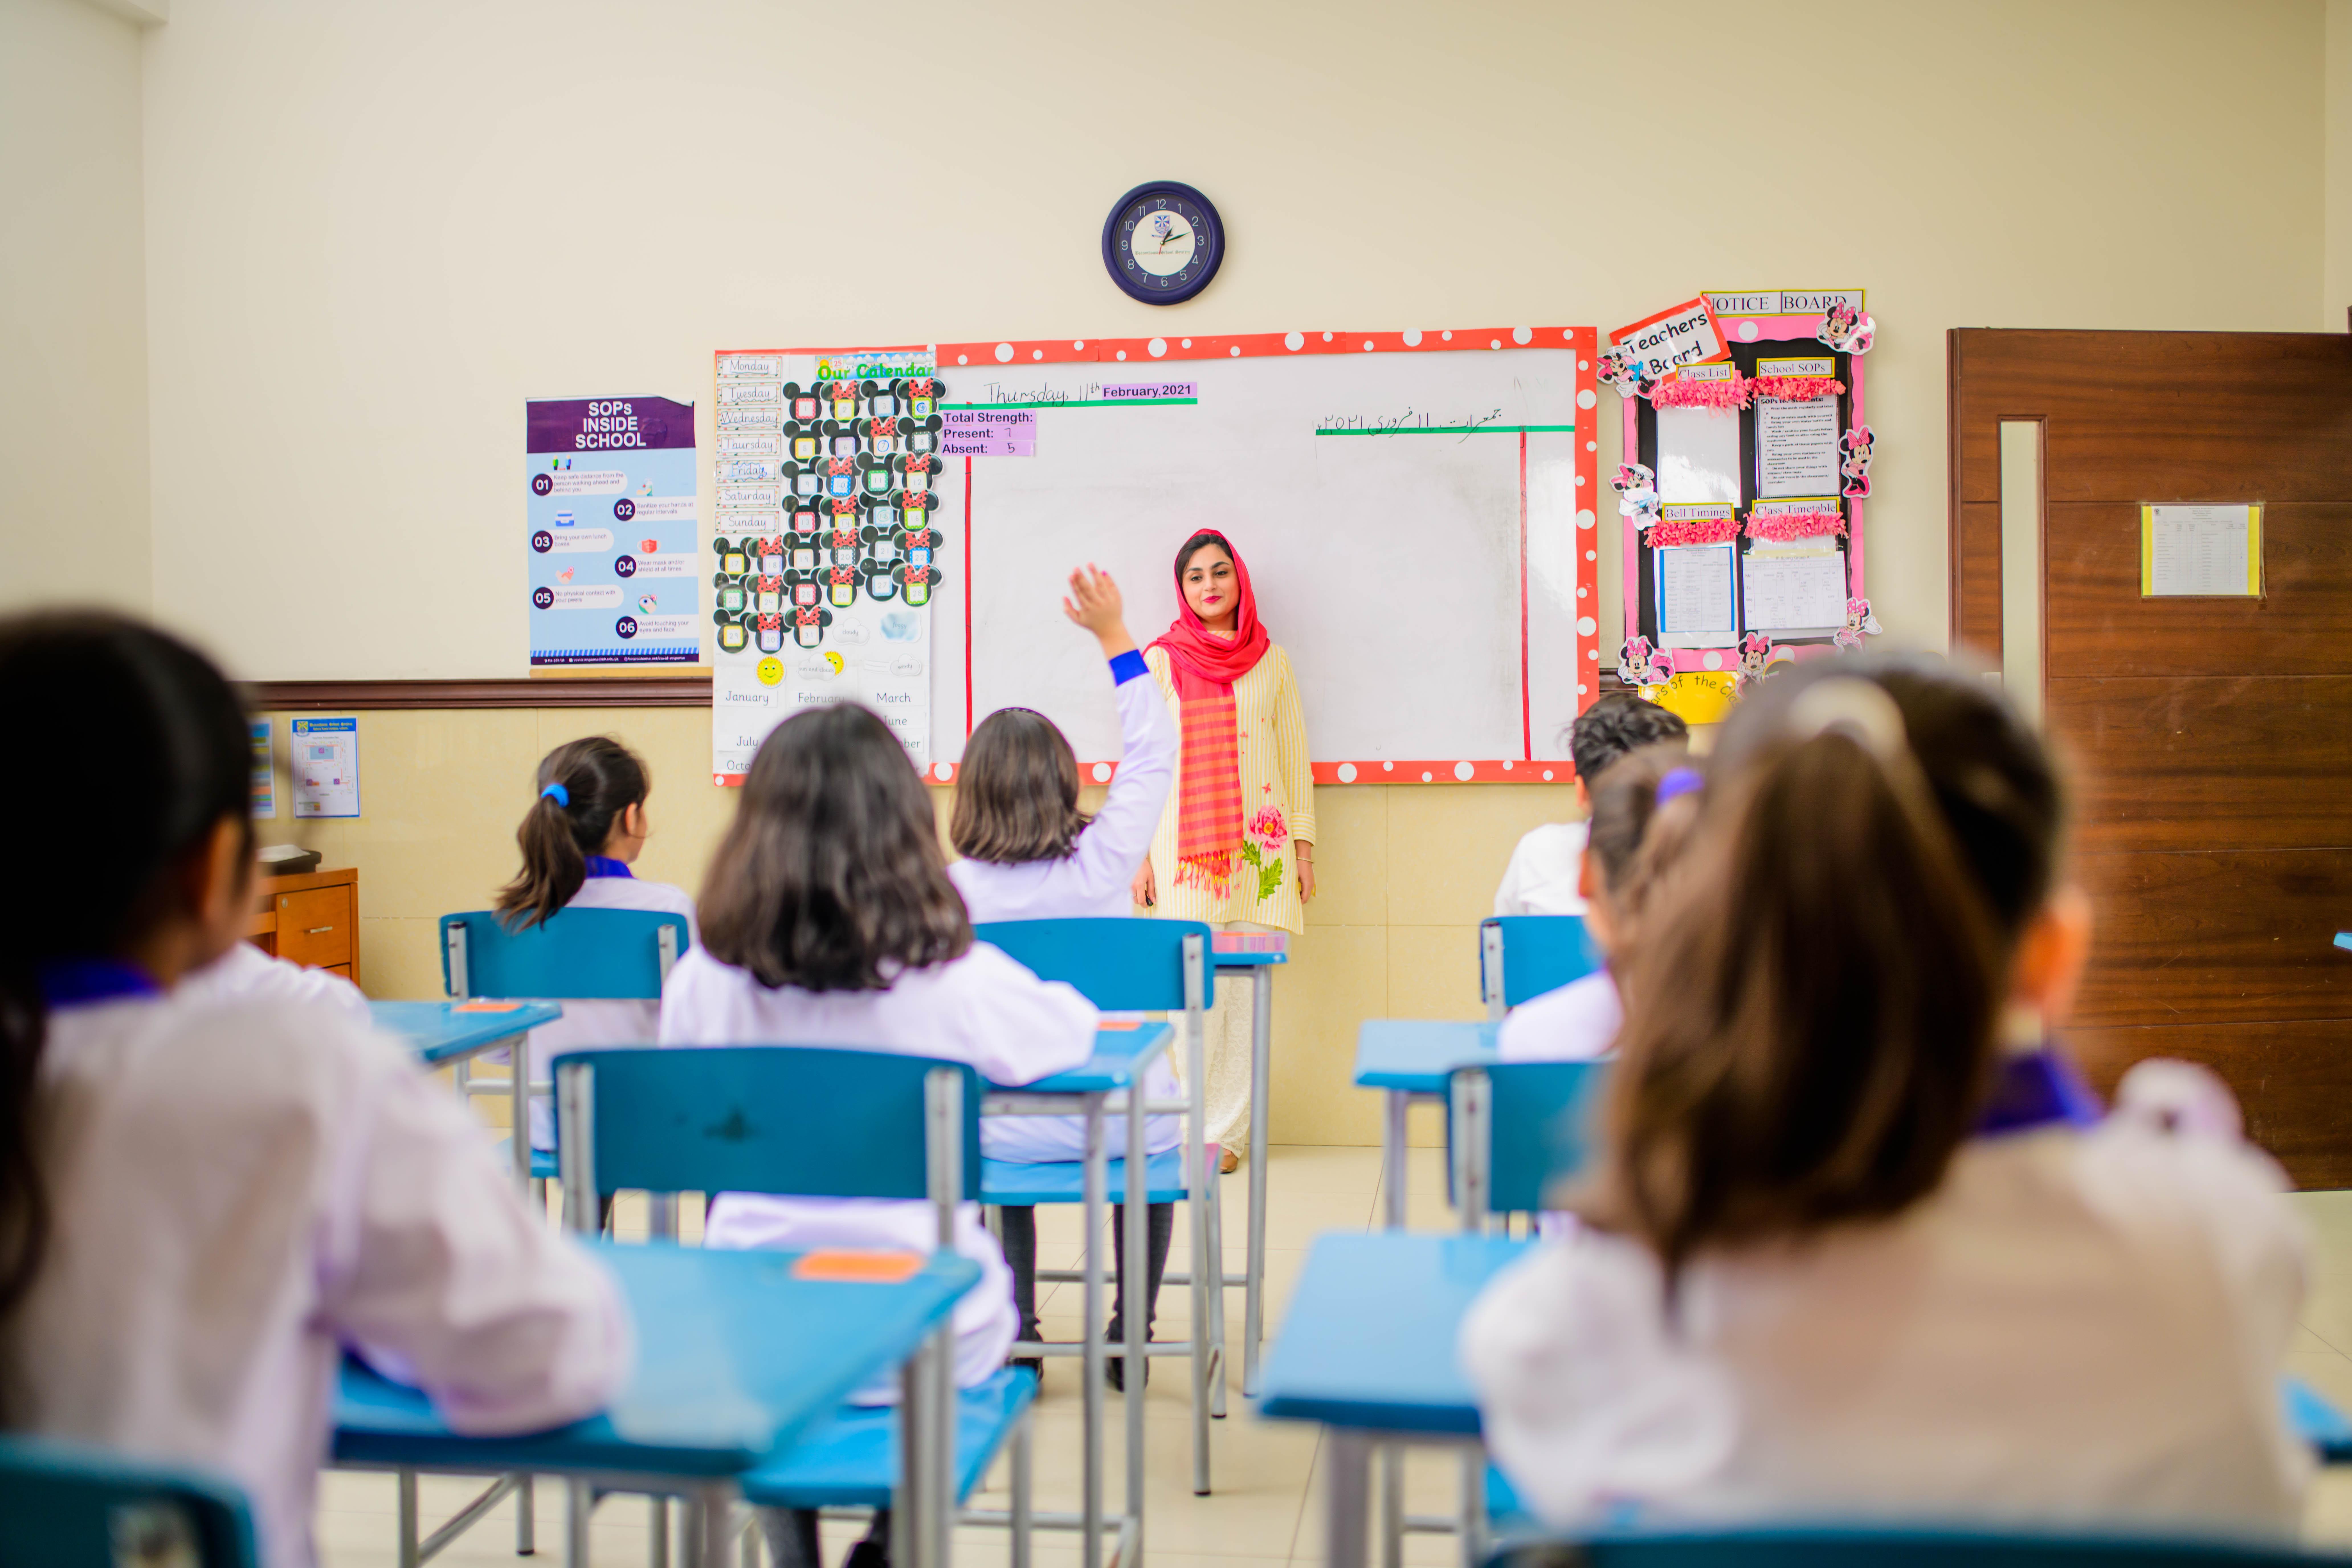 FATA Education Foundation